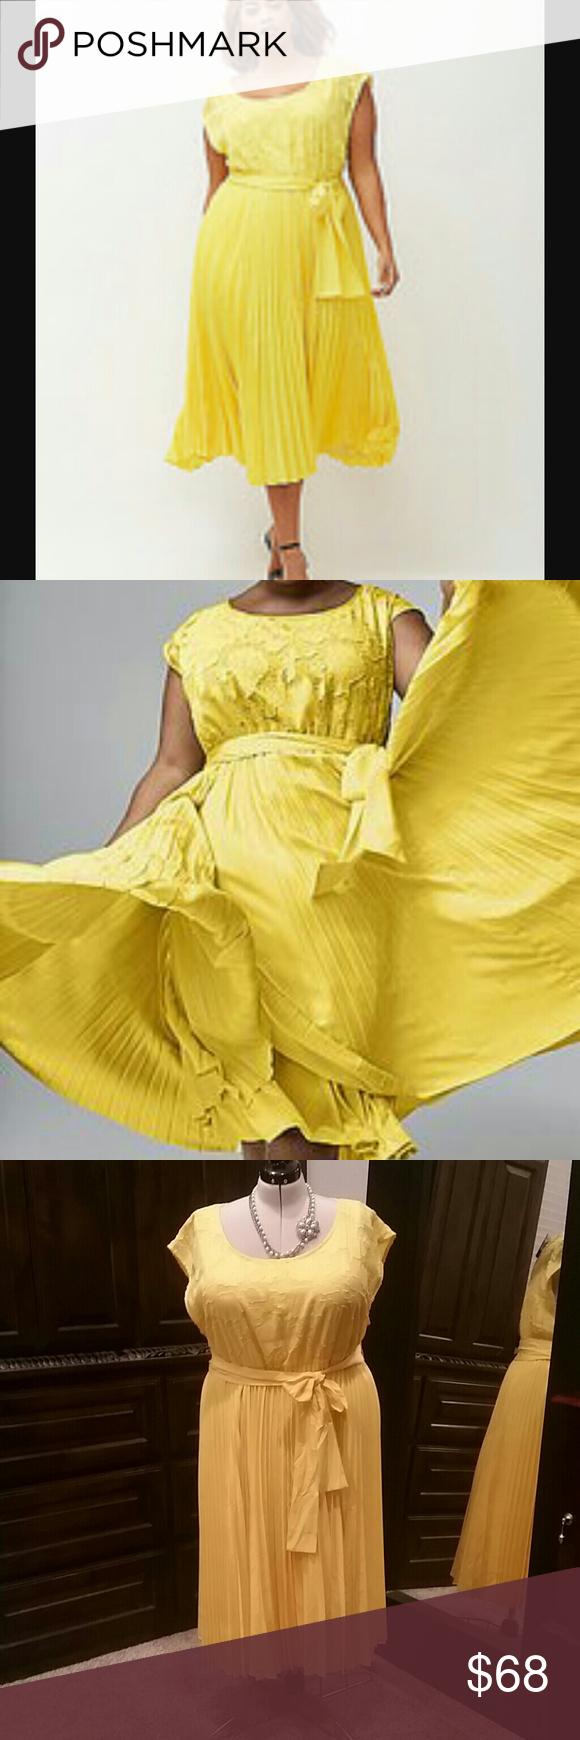 NEW! Lane Bryant size 22/24 beautiful yellow dress New with ...